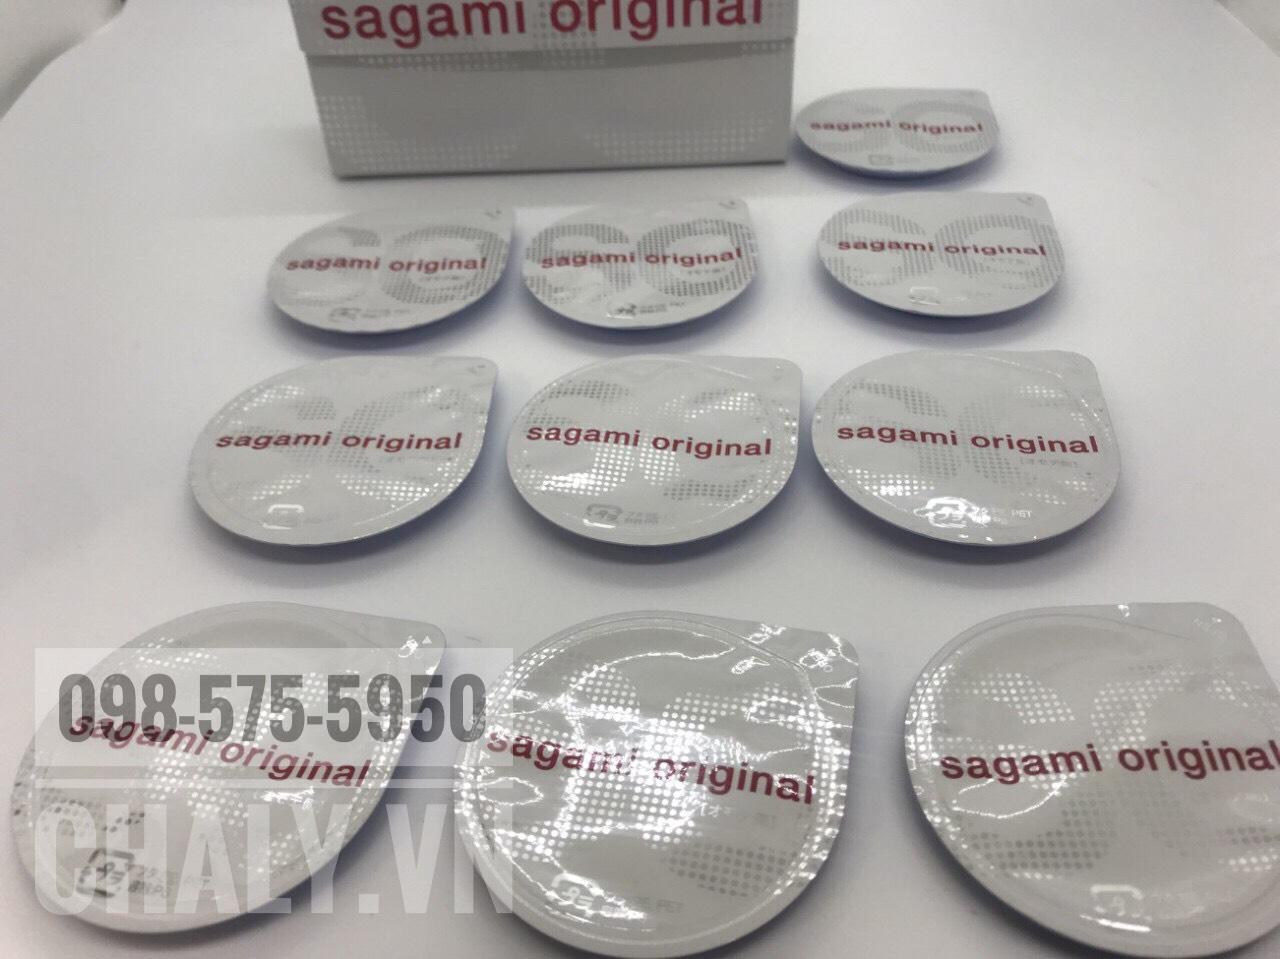 Đây là hộp bao cao su nhật bản sagami 0.02 mm hộp lớn